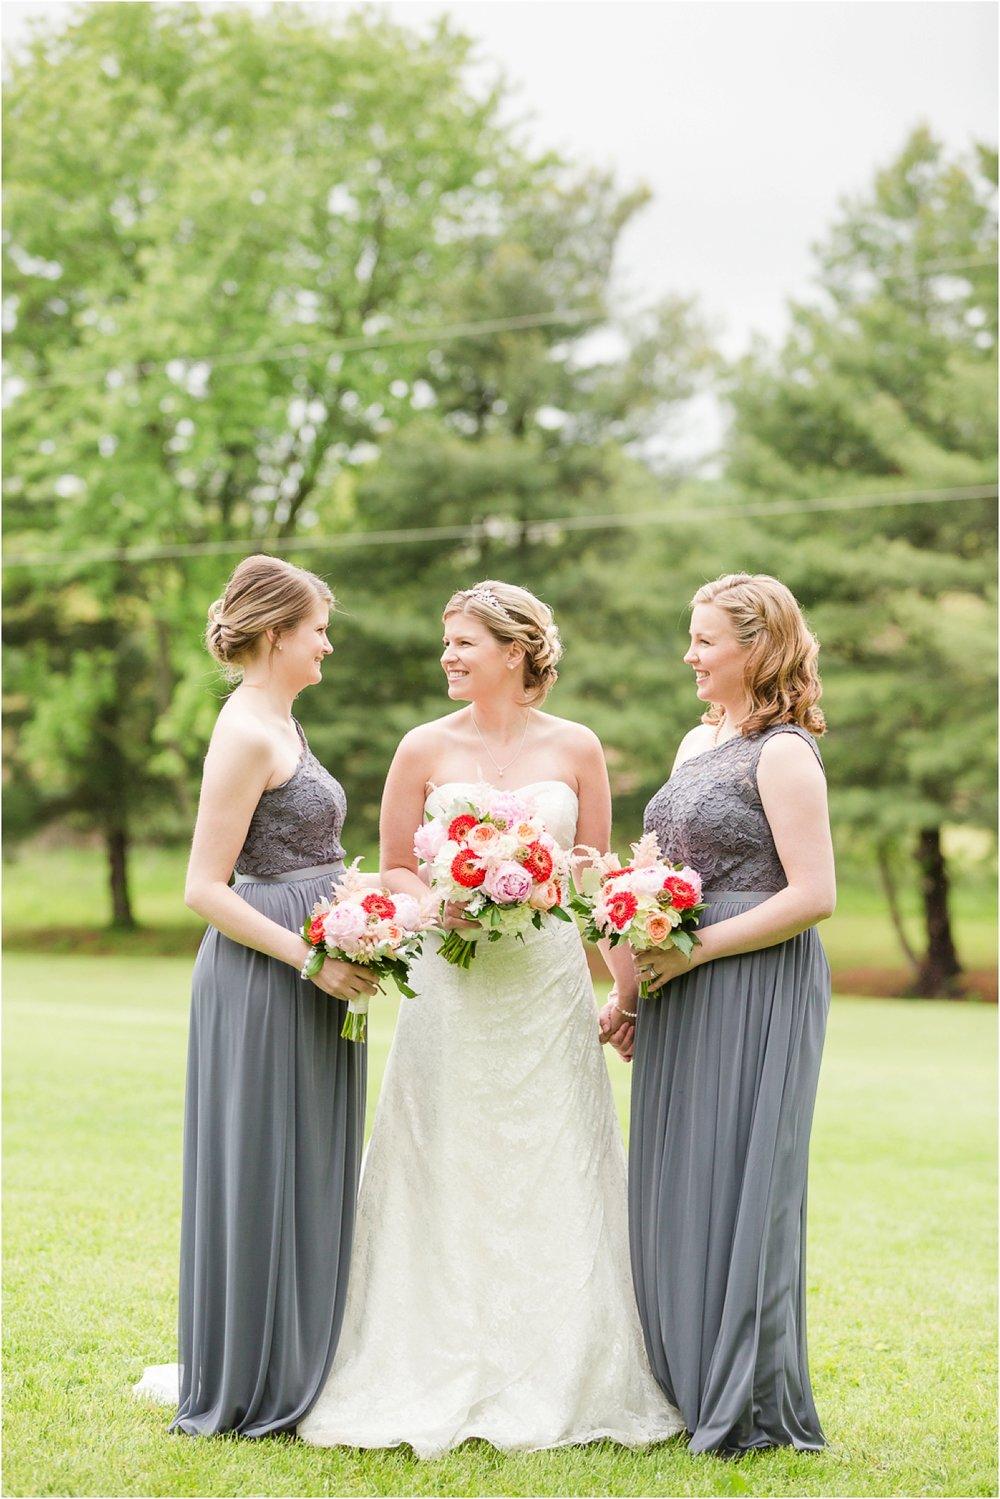 Royer-House-Wedding-Photos-52.jpg